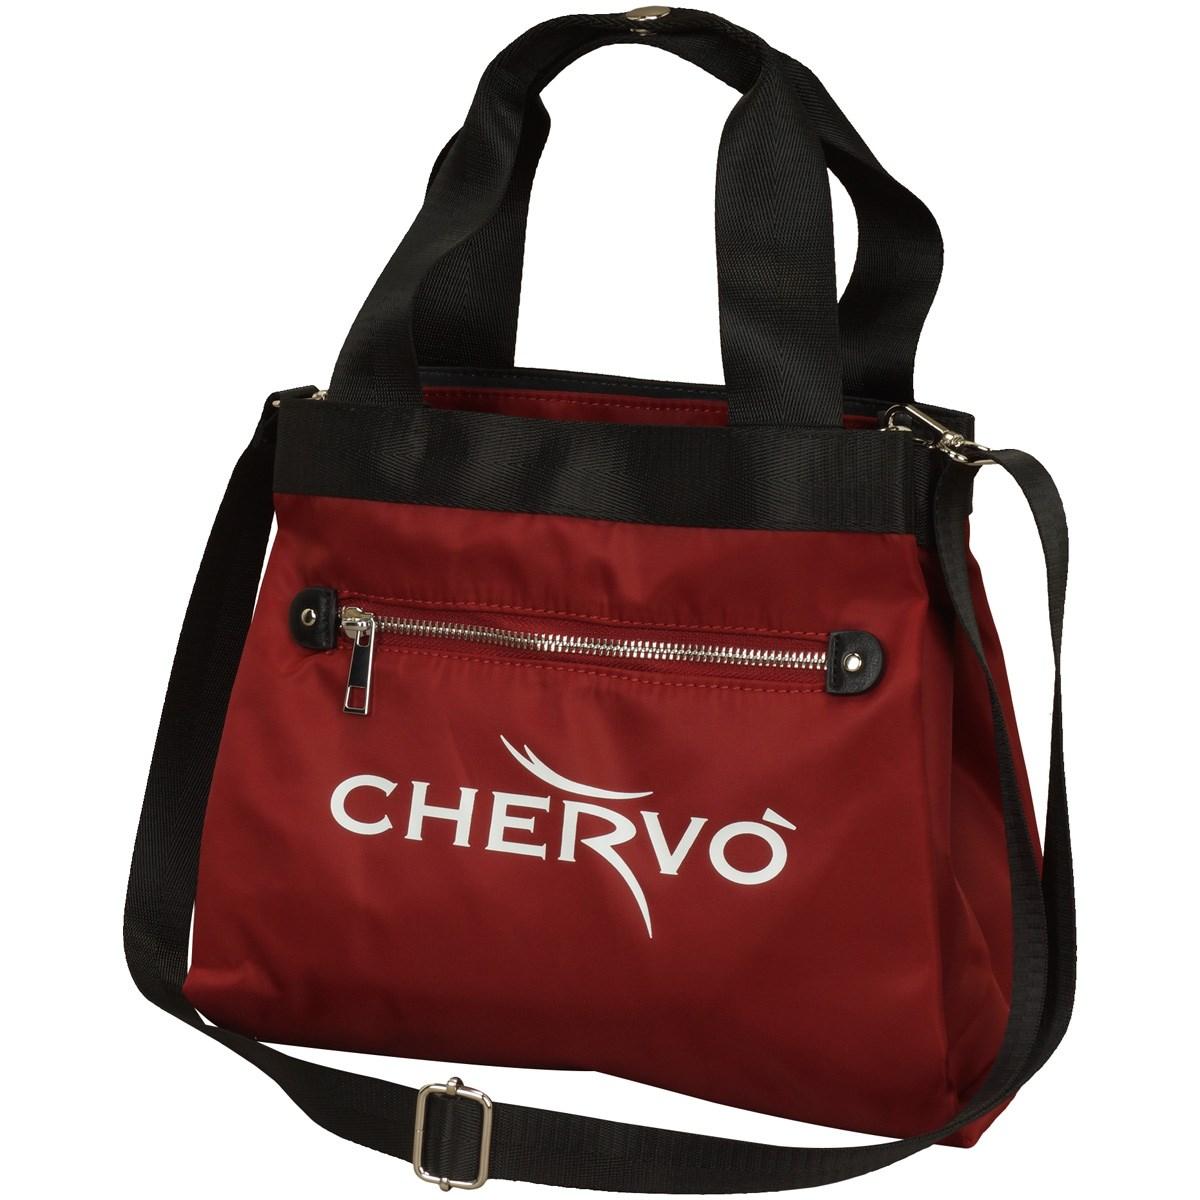 シェルボ(CHERVO) ラウンドバッグ